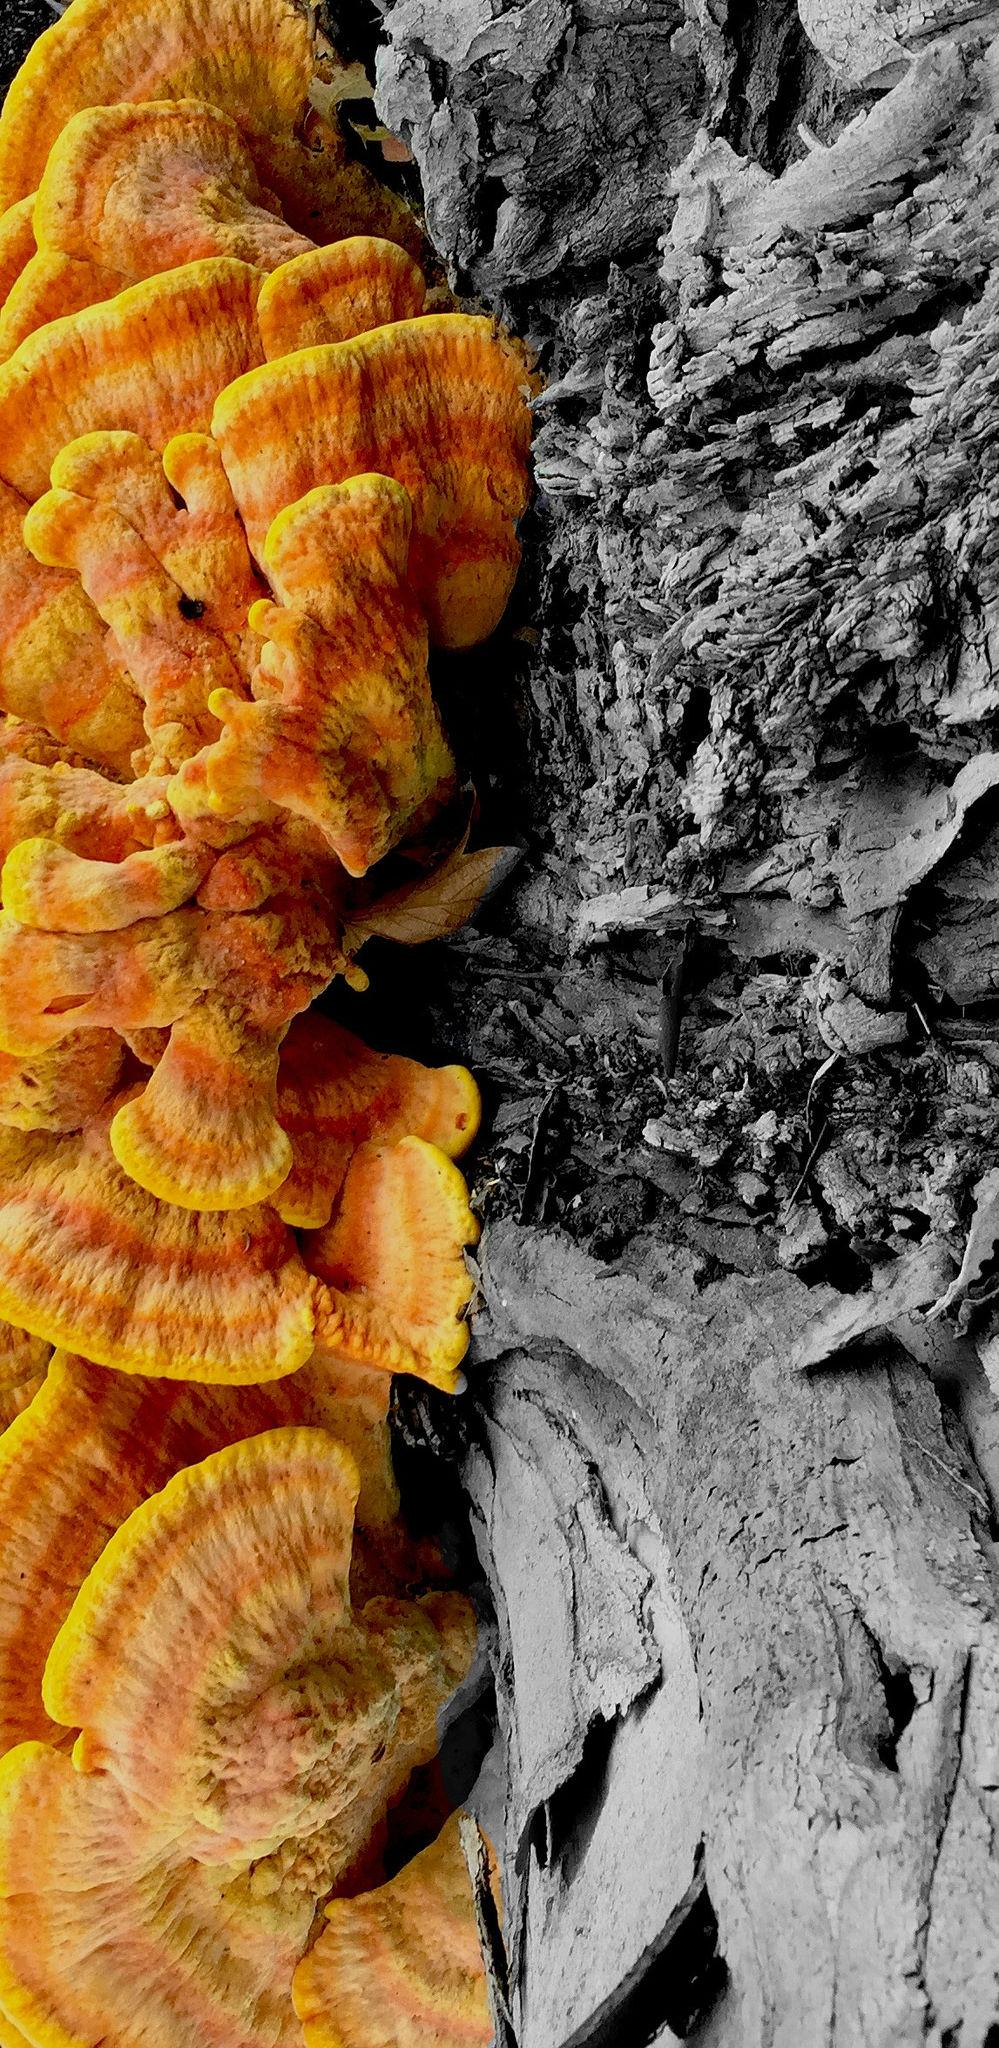 Fungus on Eucalyptus